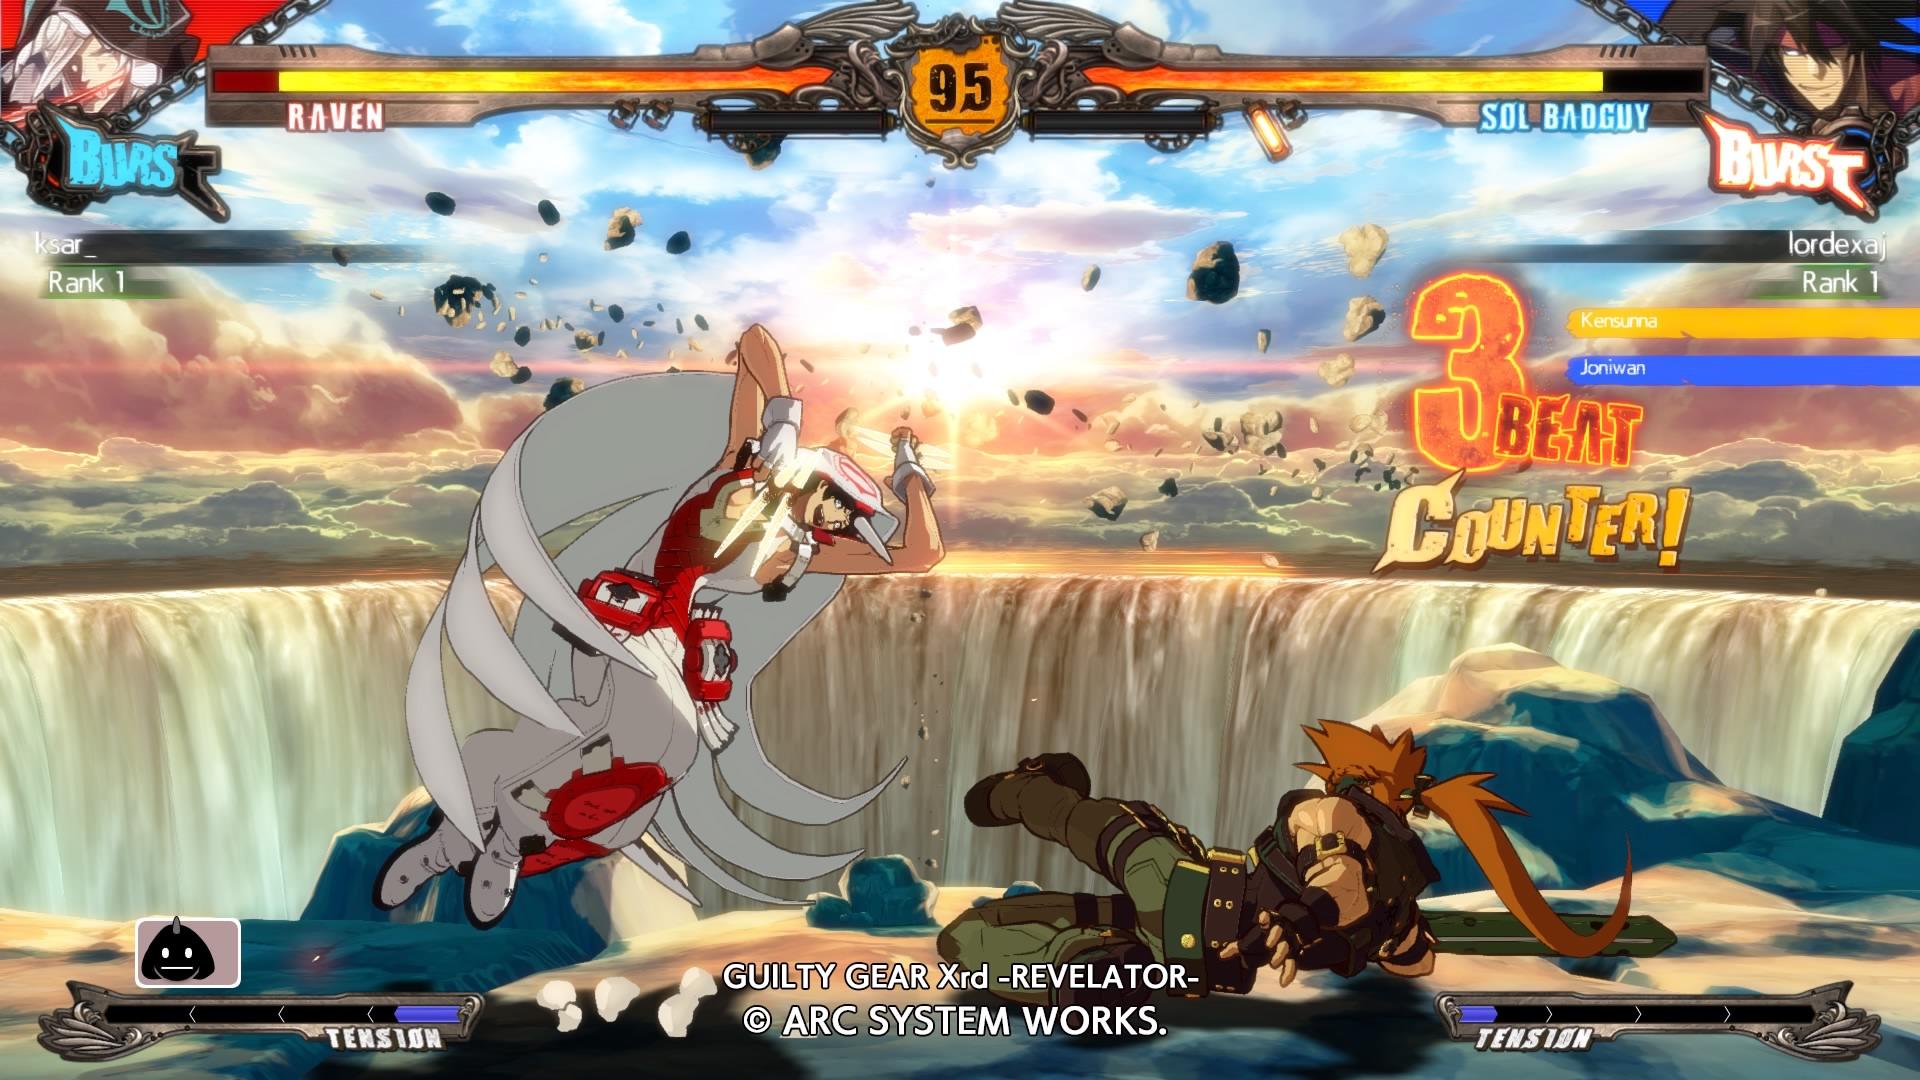 GuiltyGearXrd-Revelator PS4 Test 002